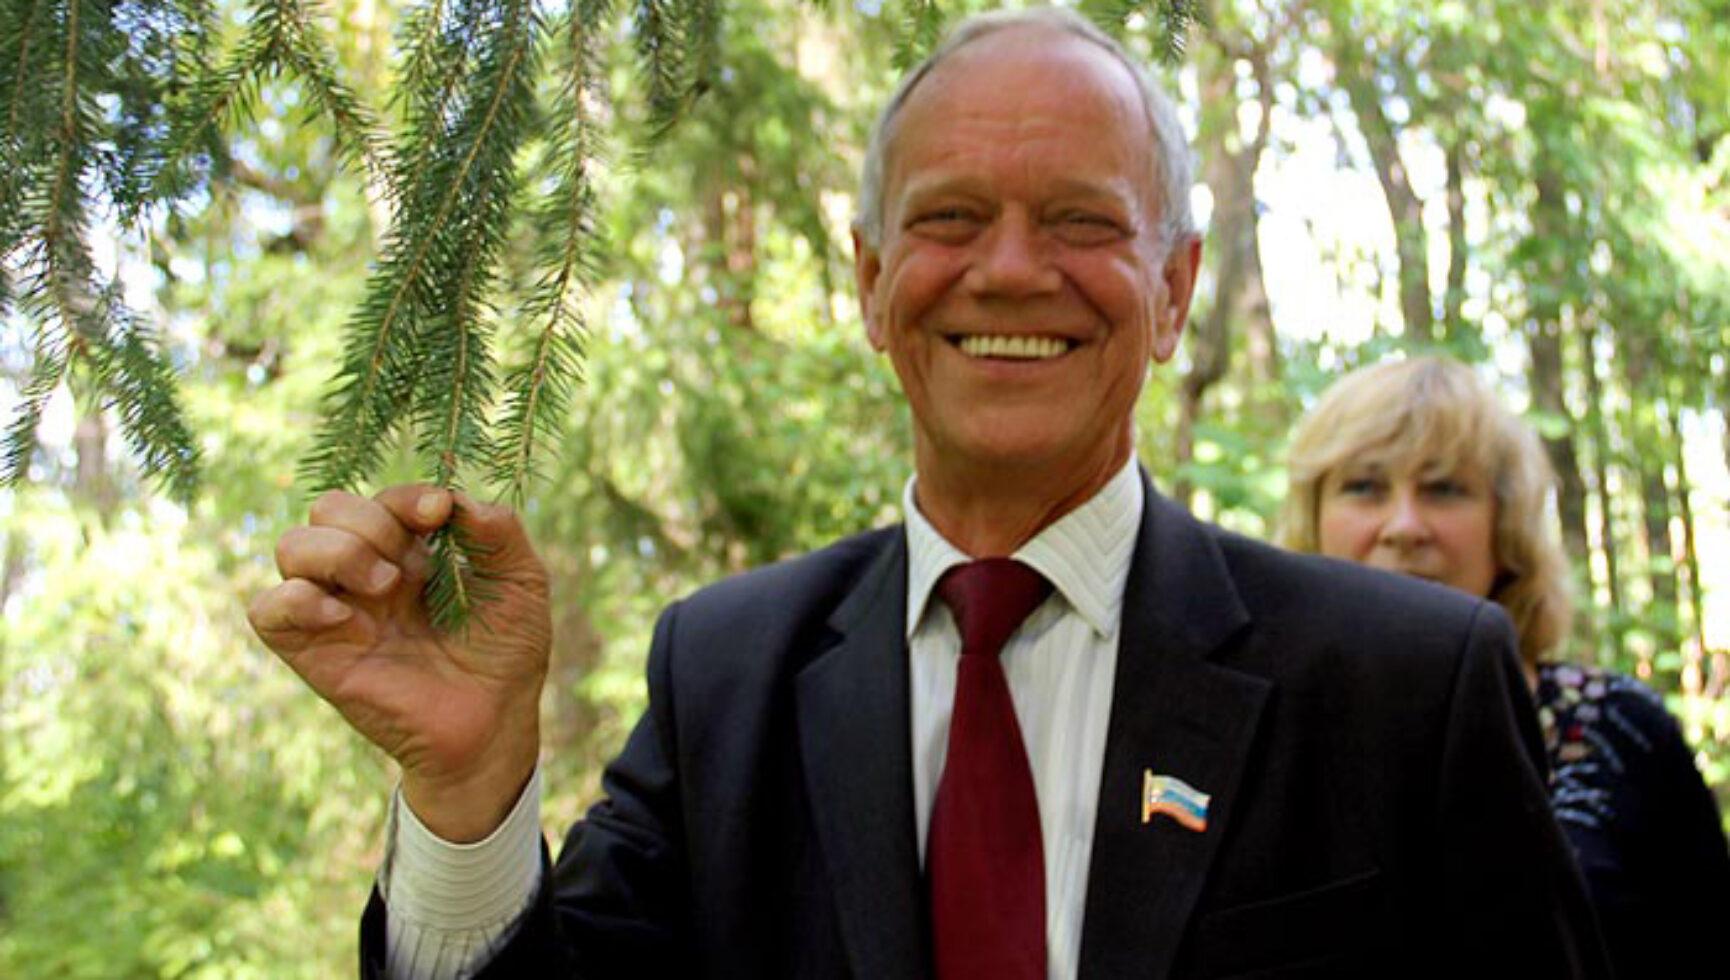 Поздравляем Шуваева Владимира Васильевича, главу муниципального образования Яснополянское Щекинский район, с юбилеем!